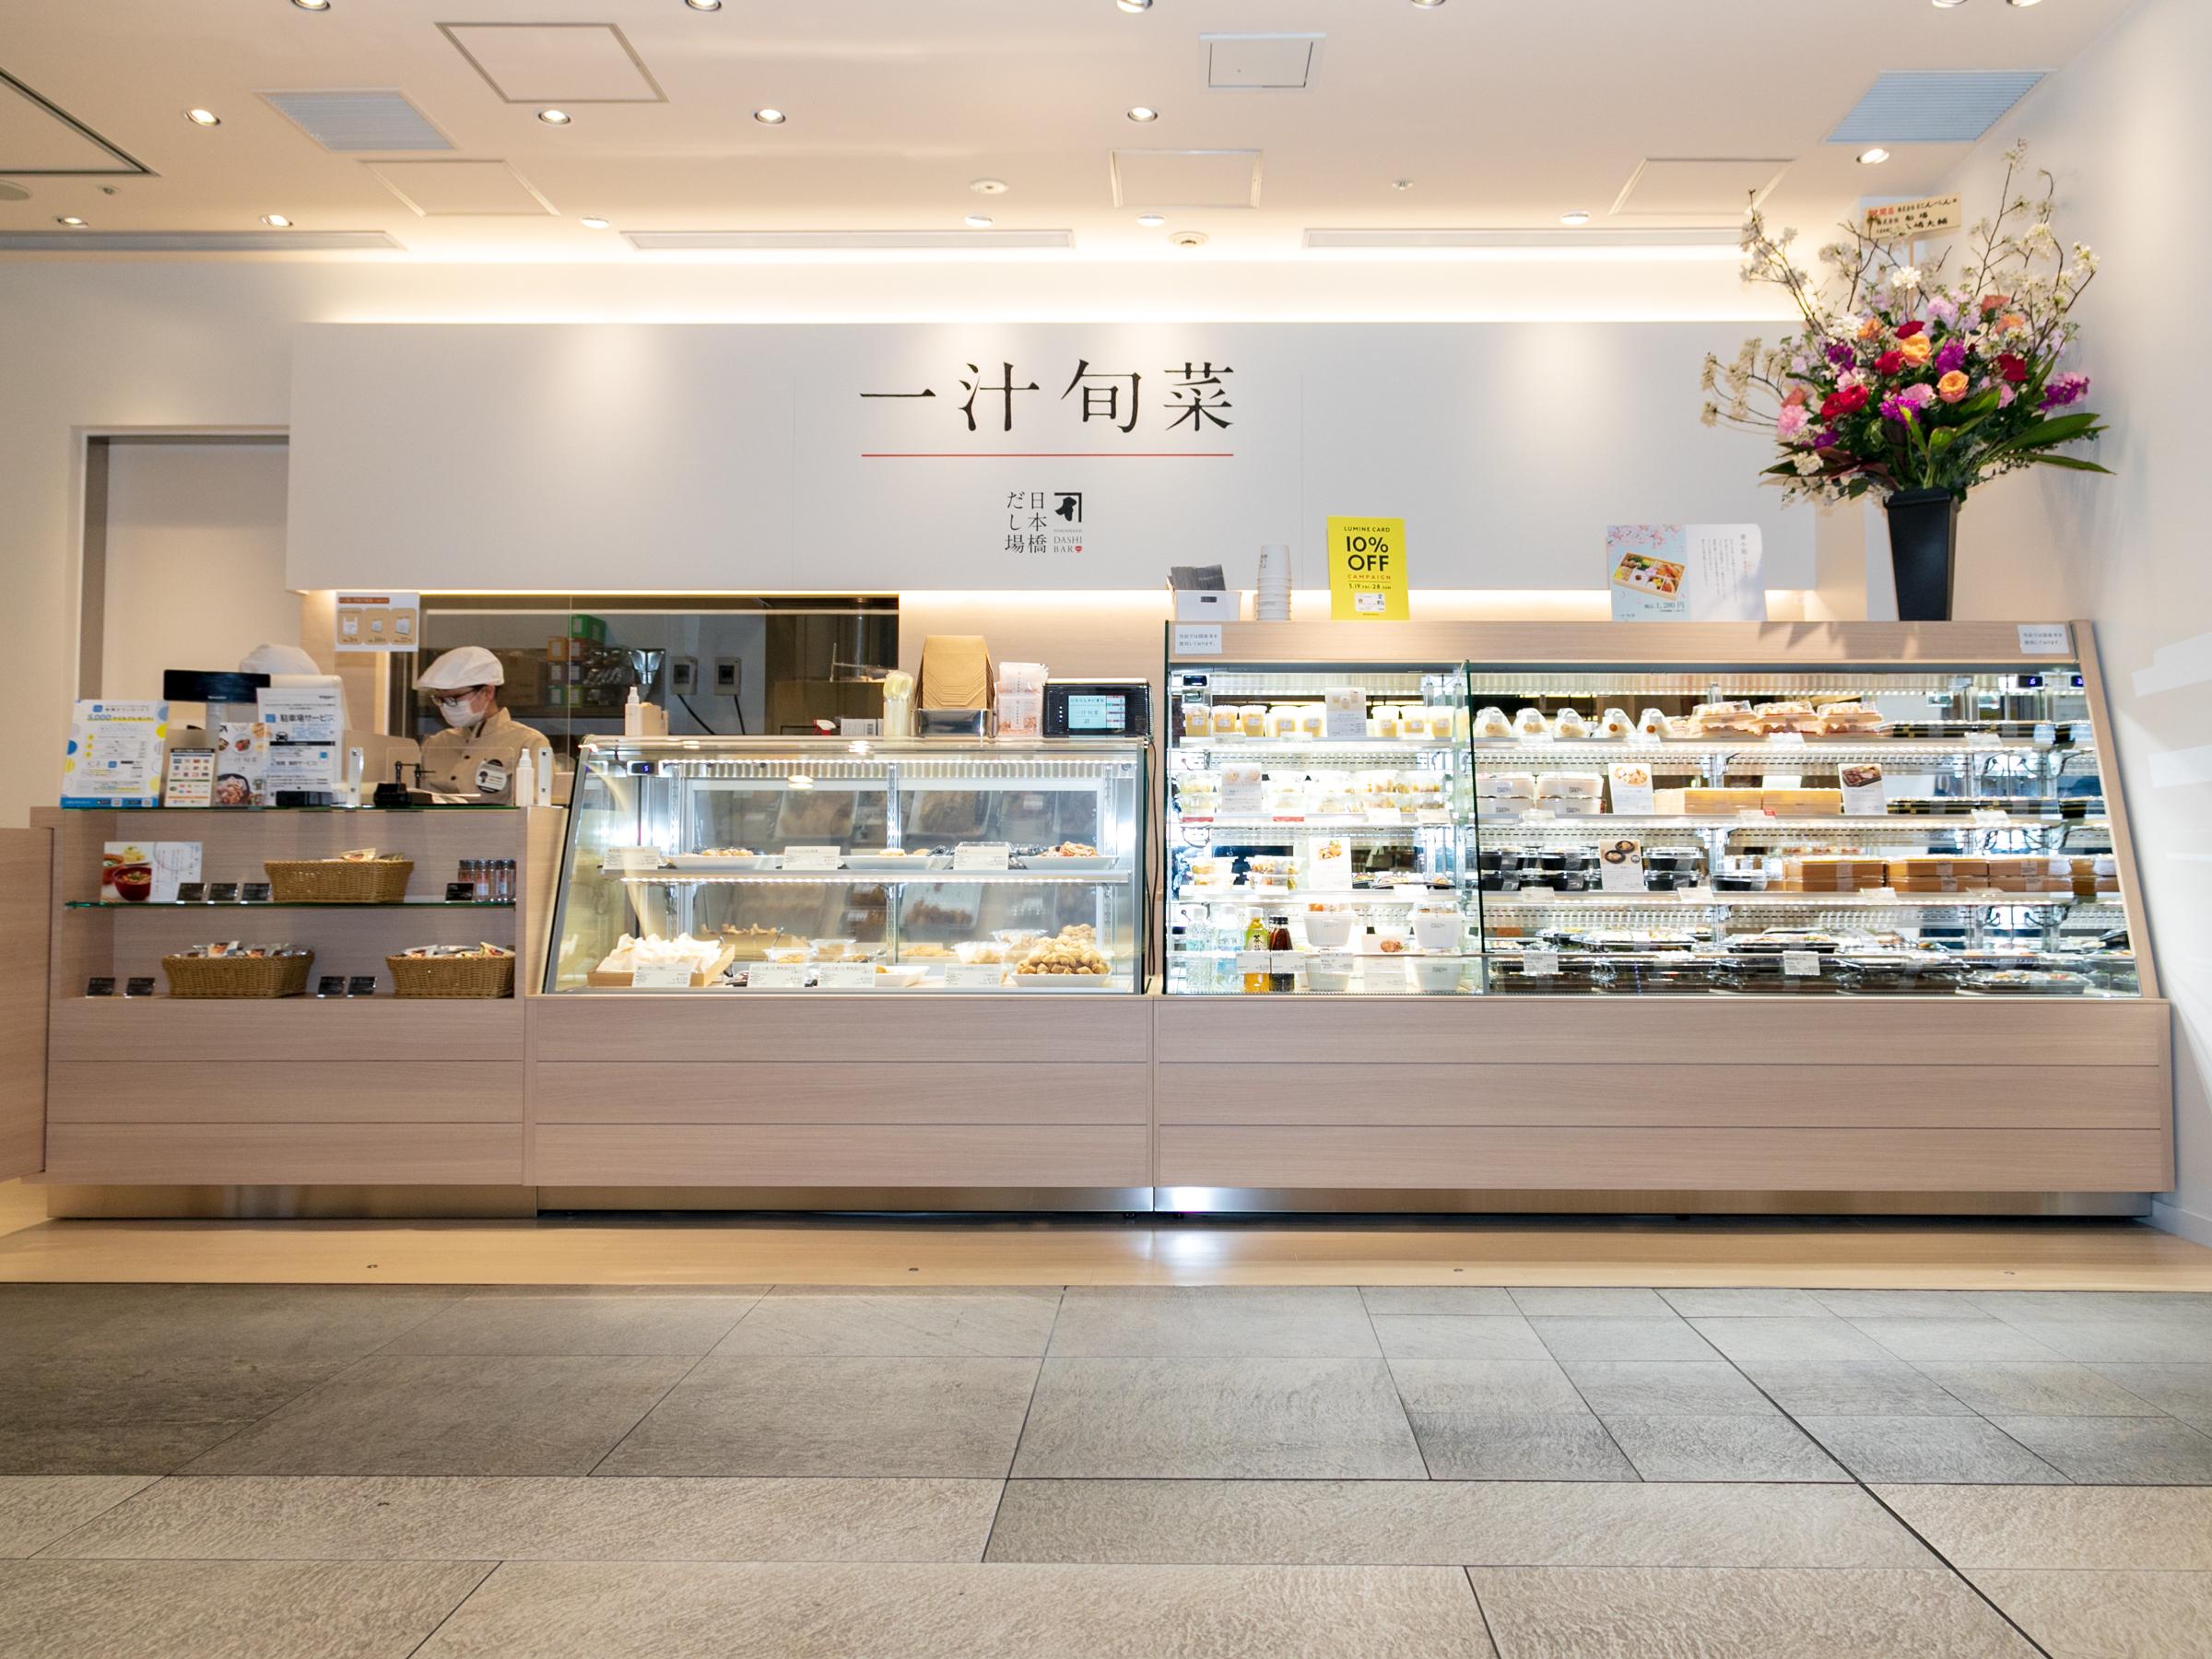 《にんべん》 「一汁旬菜 日本橋だし場」がニュウマン新宿店に開店したので自腹でお弁当を買ってみた!